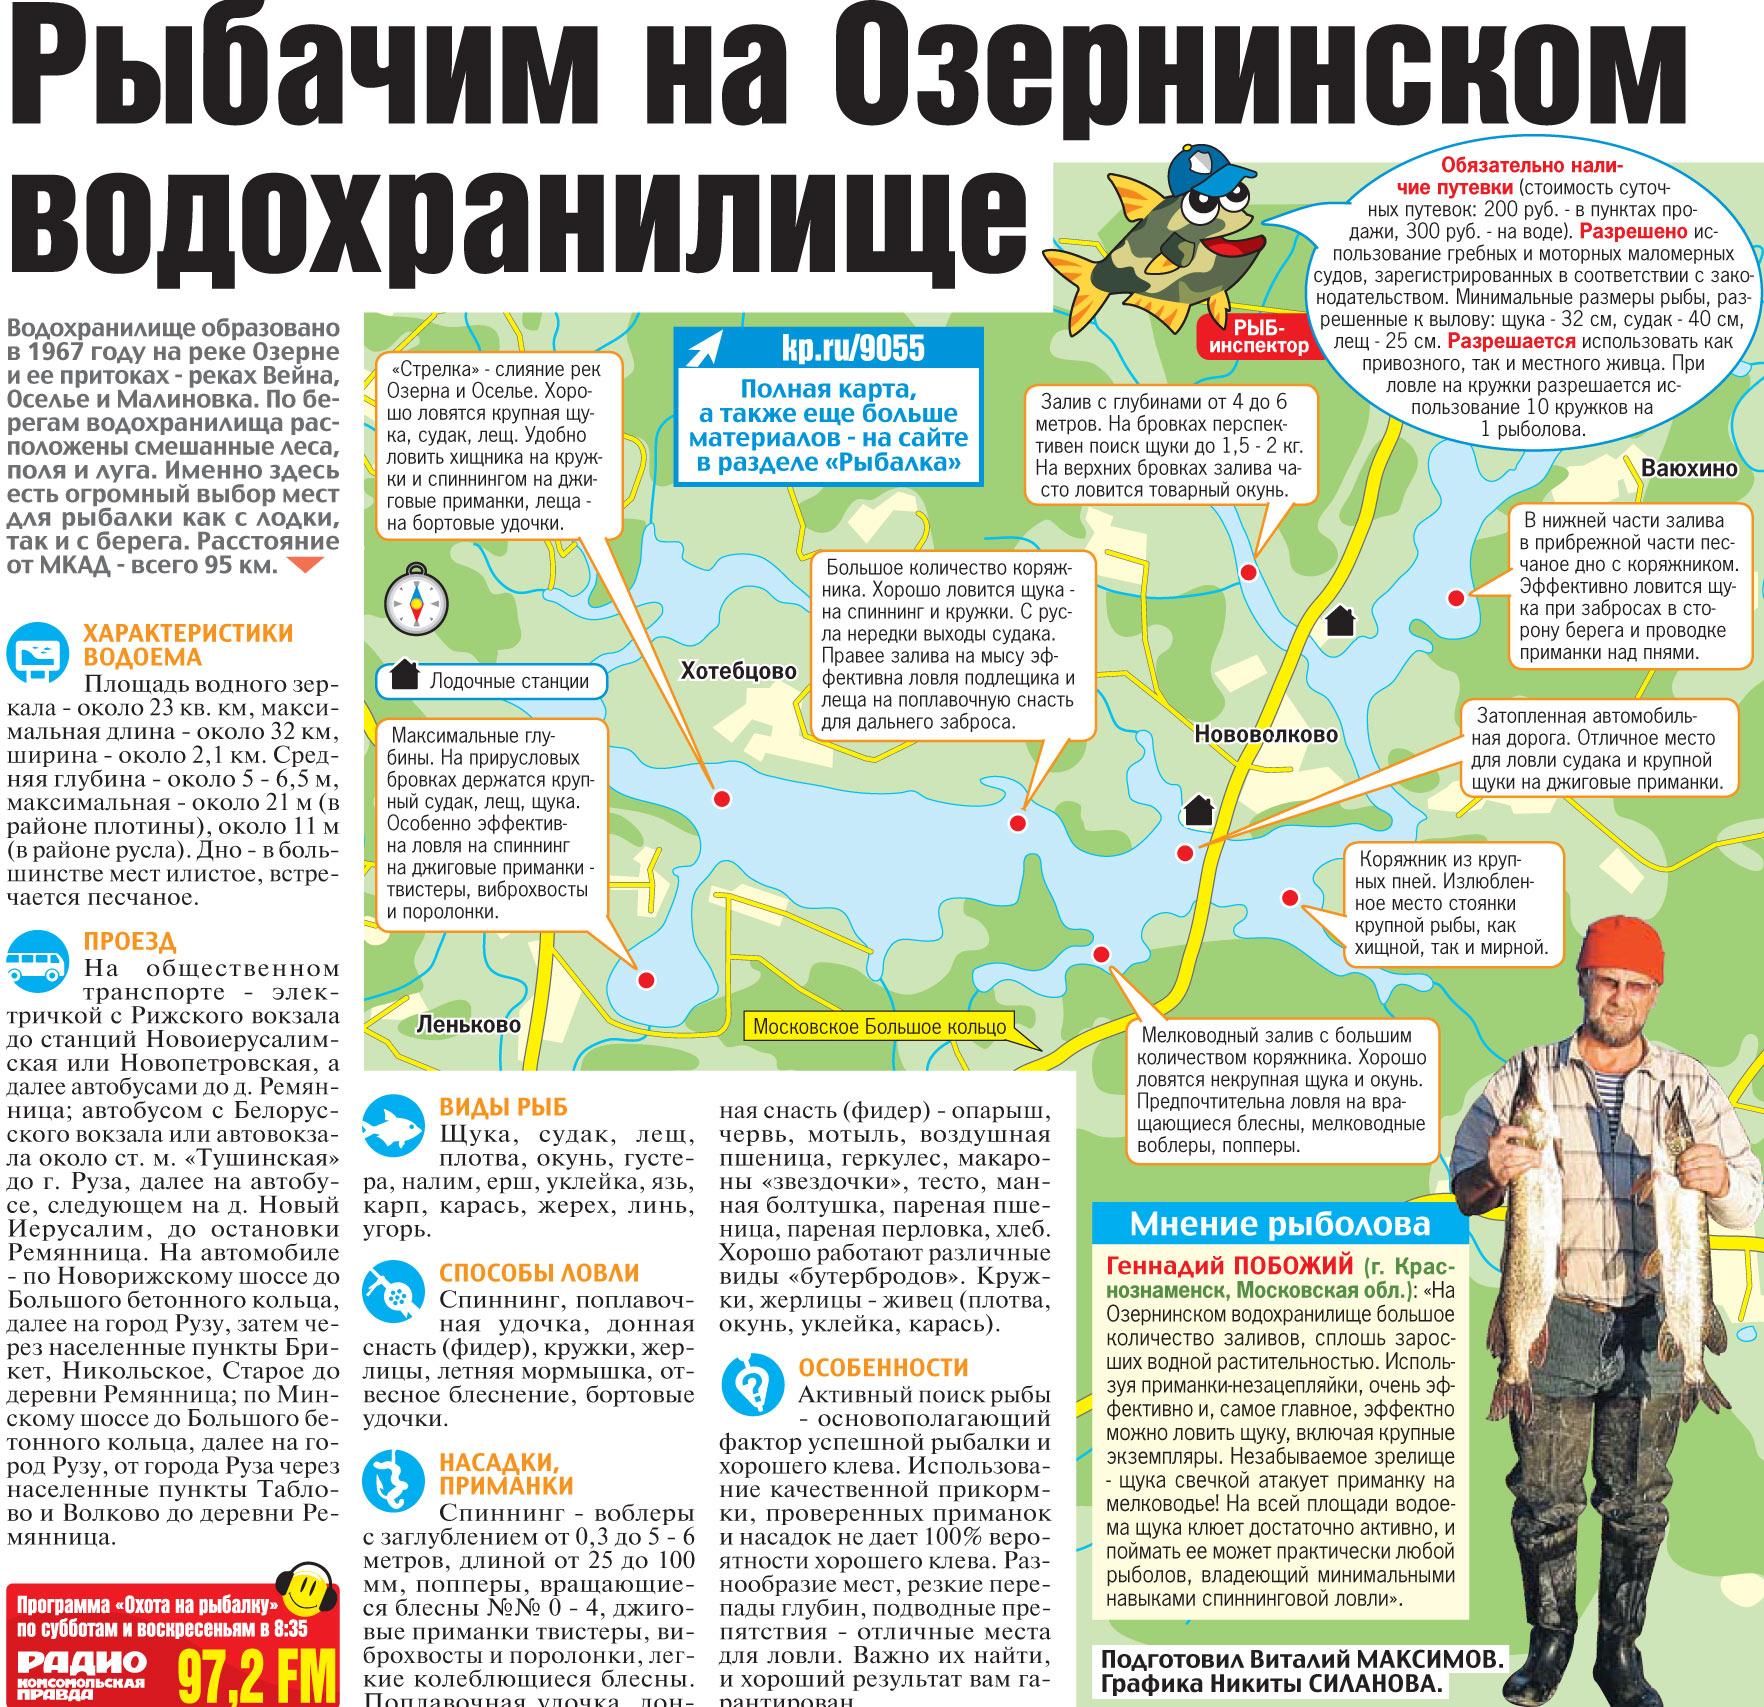 Где клюёт карта рыбалки